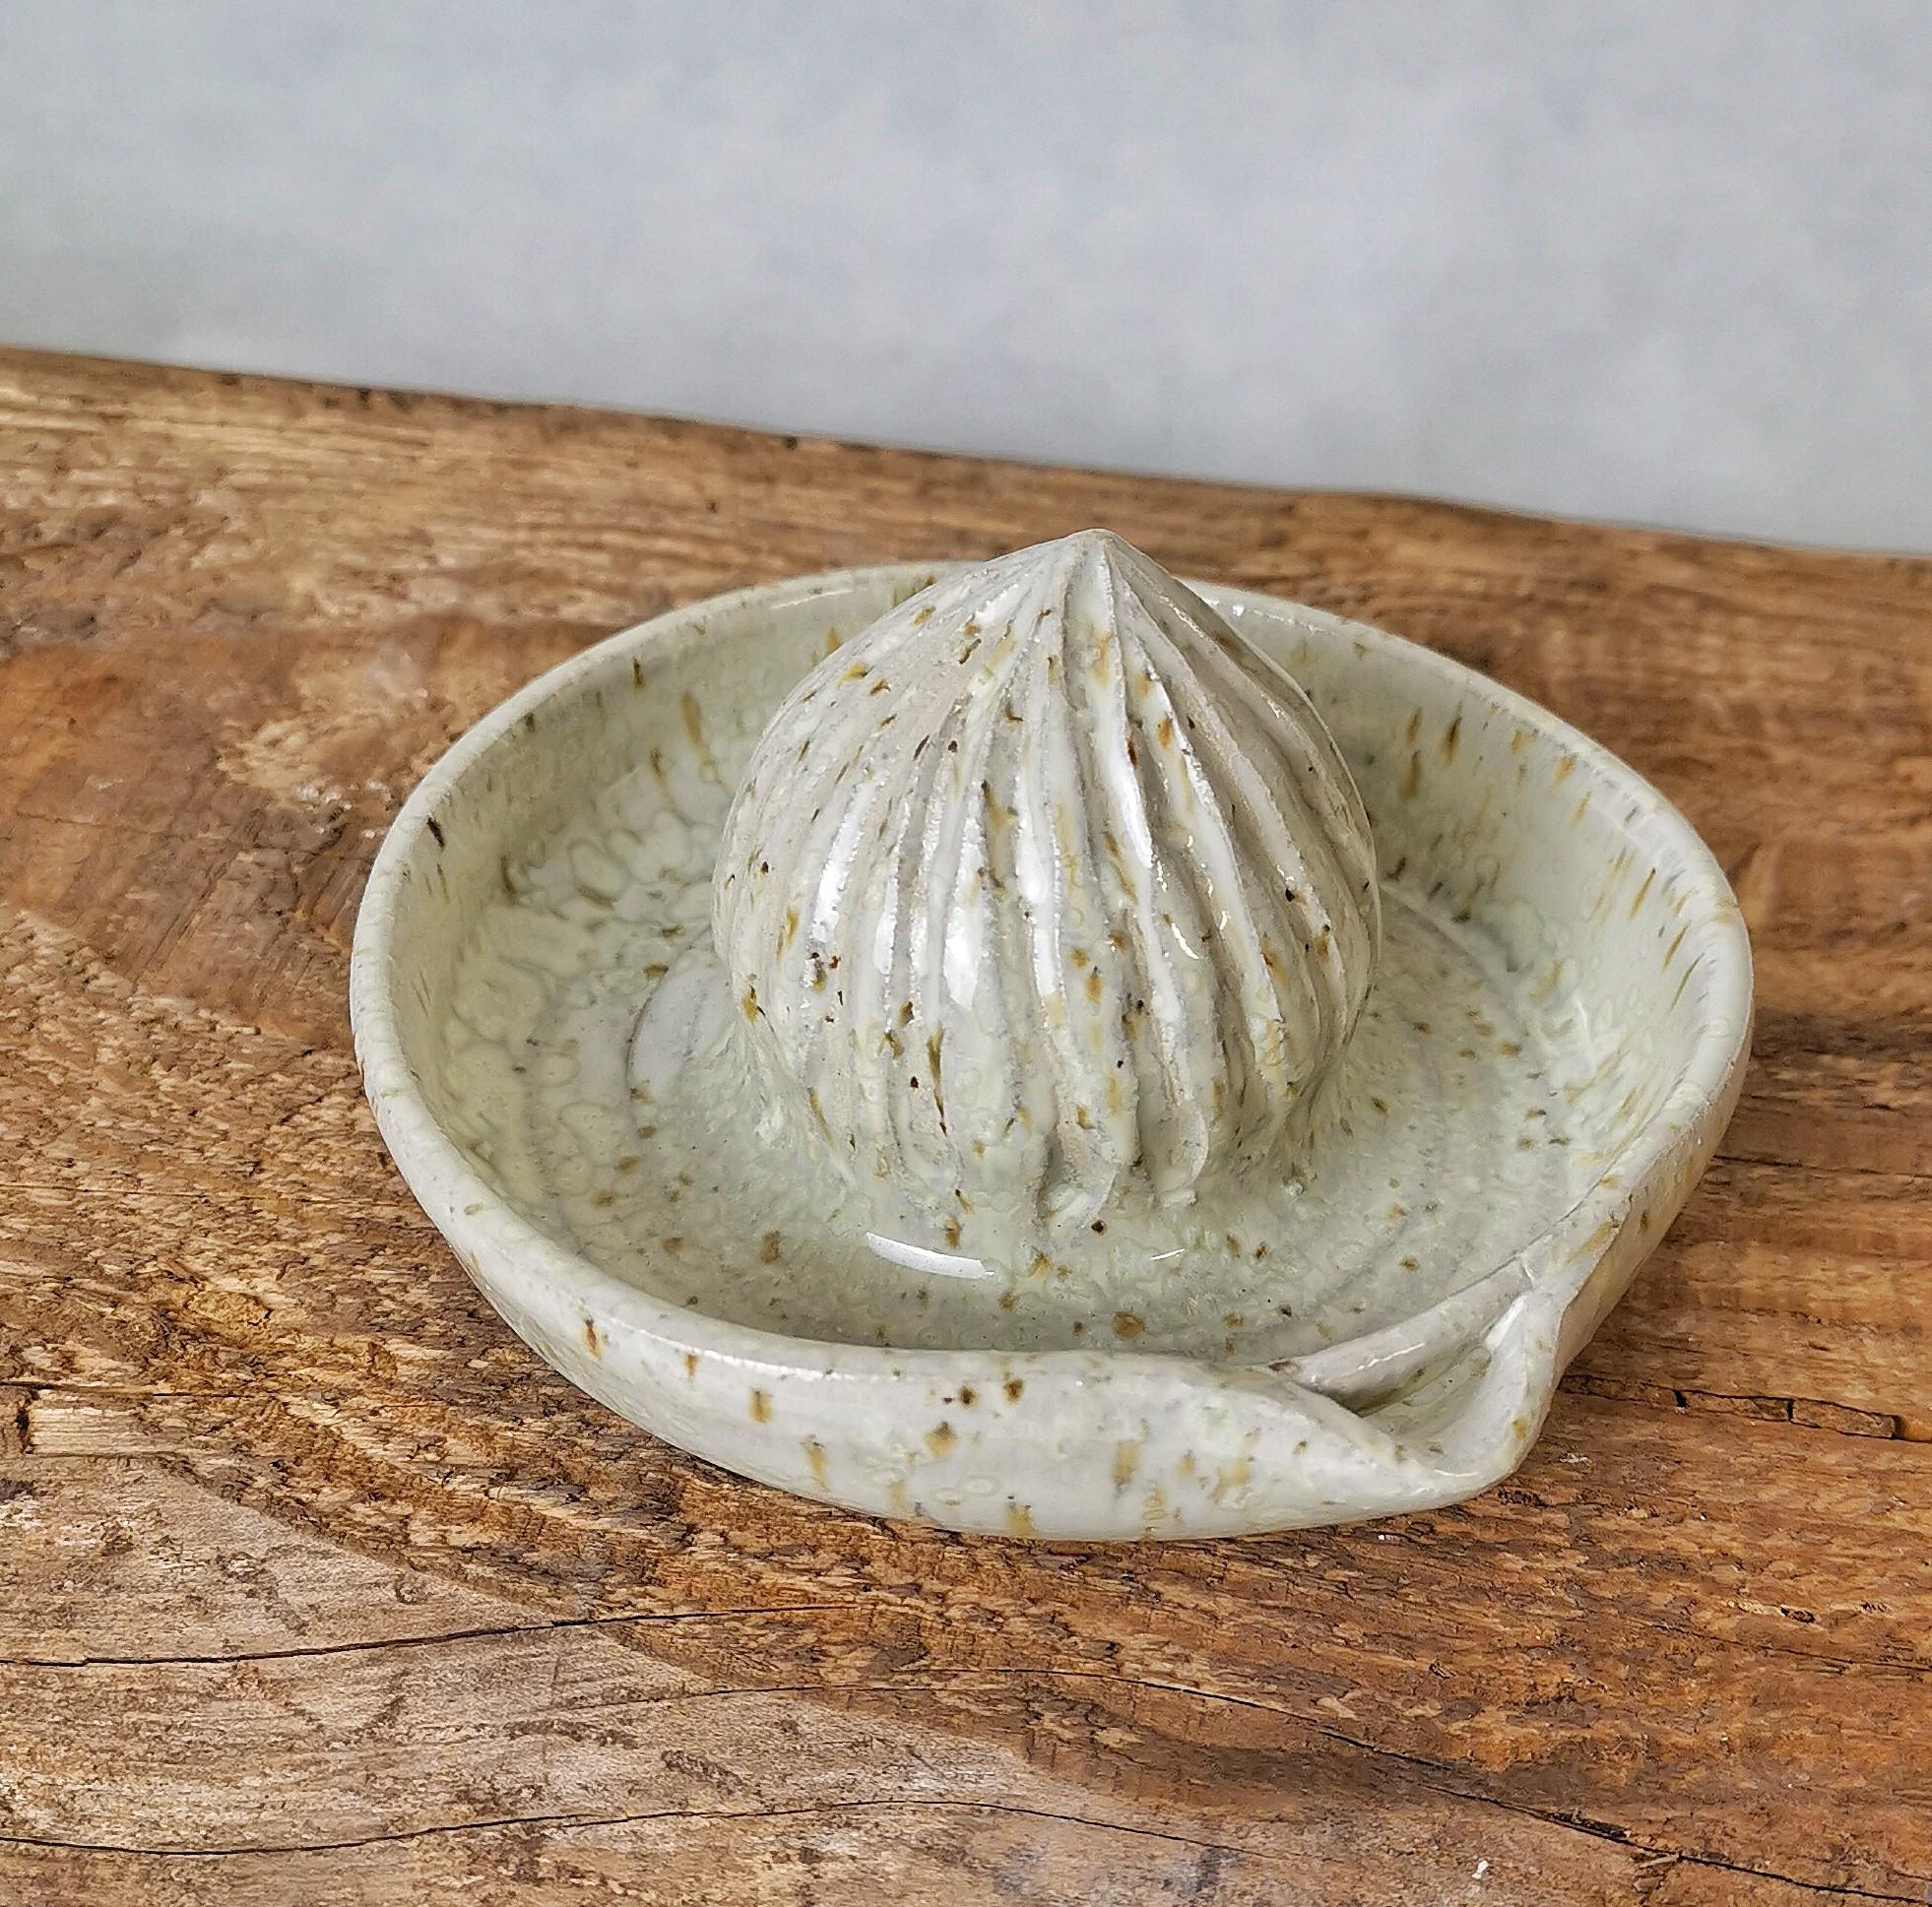 Zitronenpresse Perlmutt von Keramik-Atelier Brigitte Lang in Rauenberg